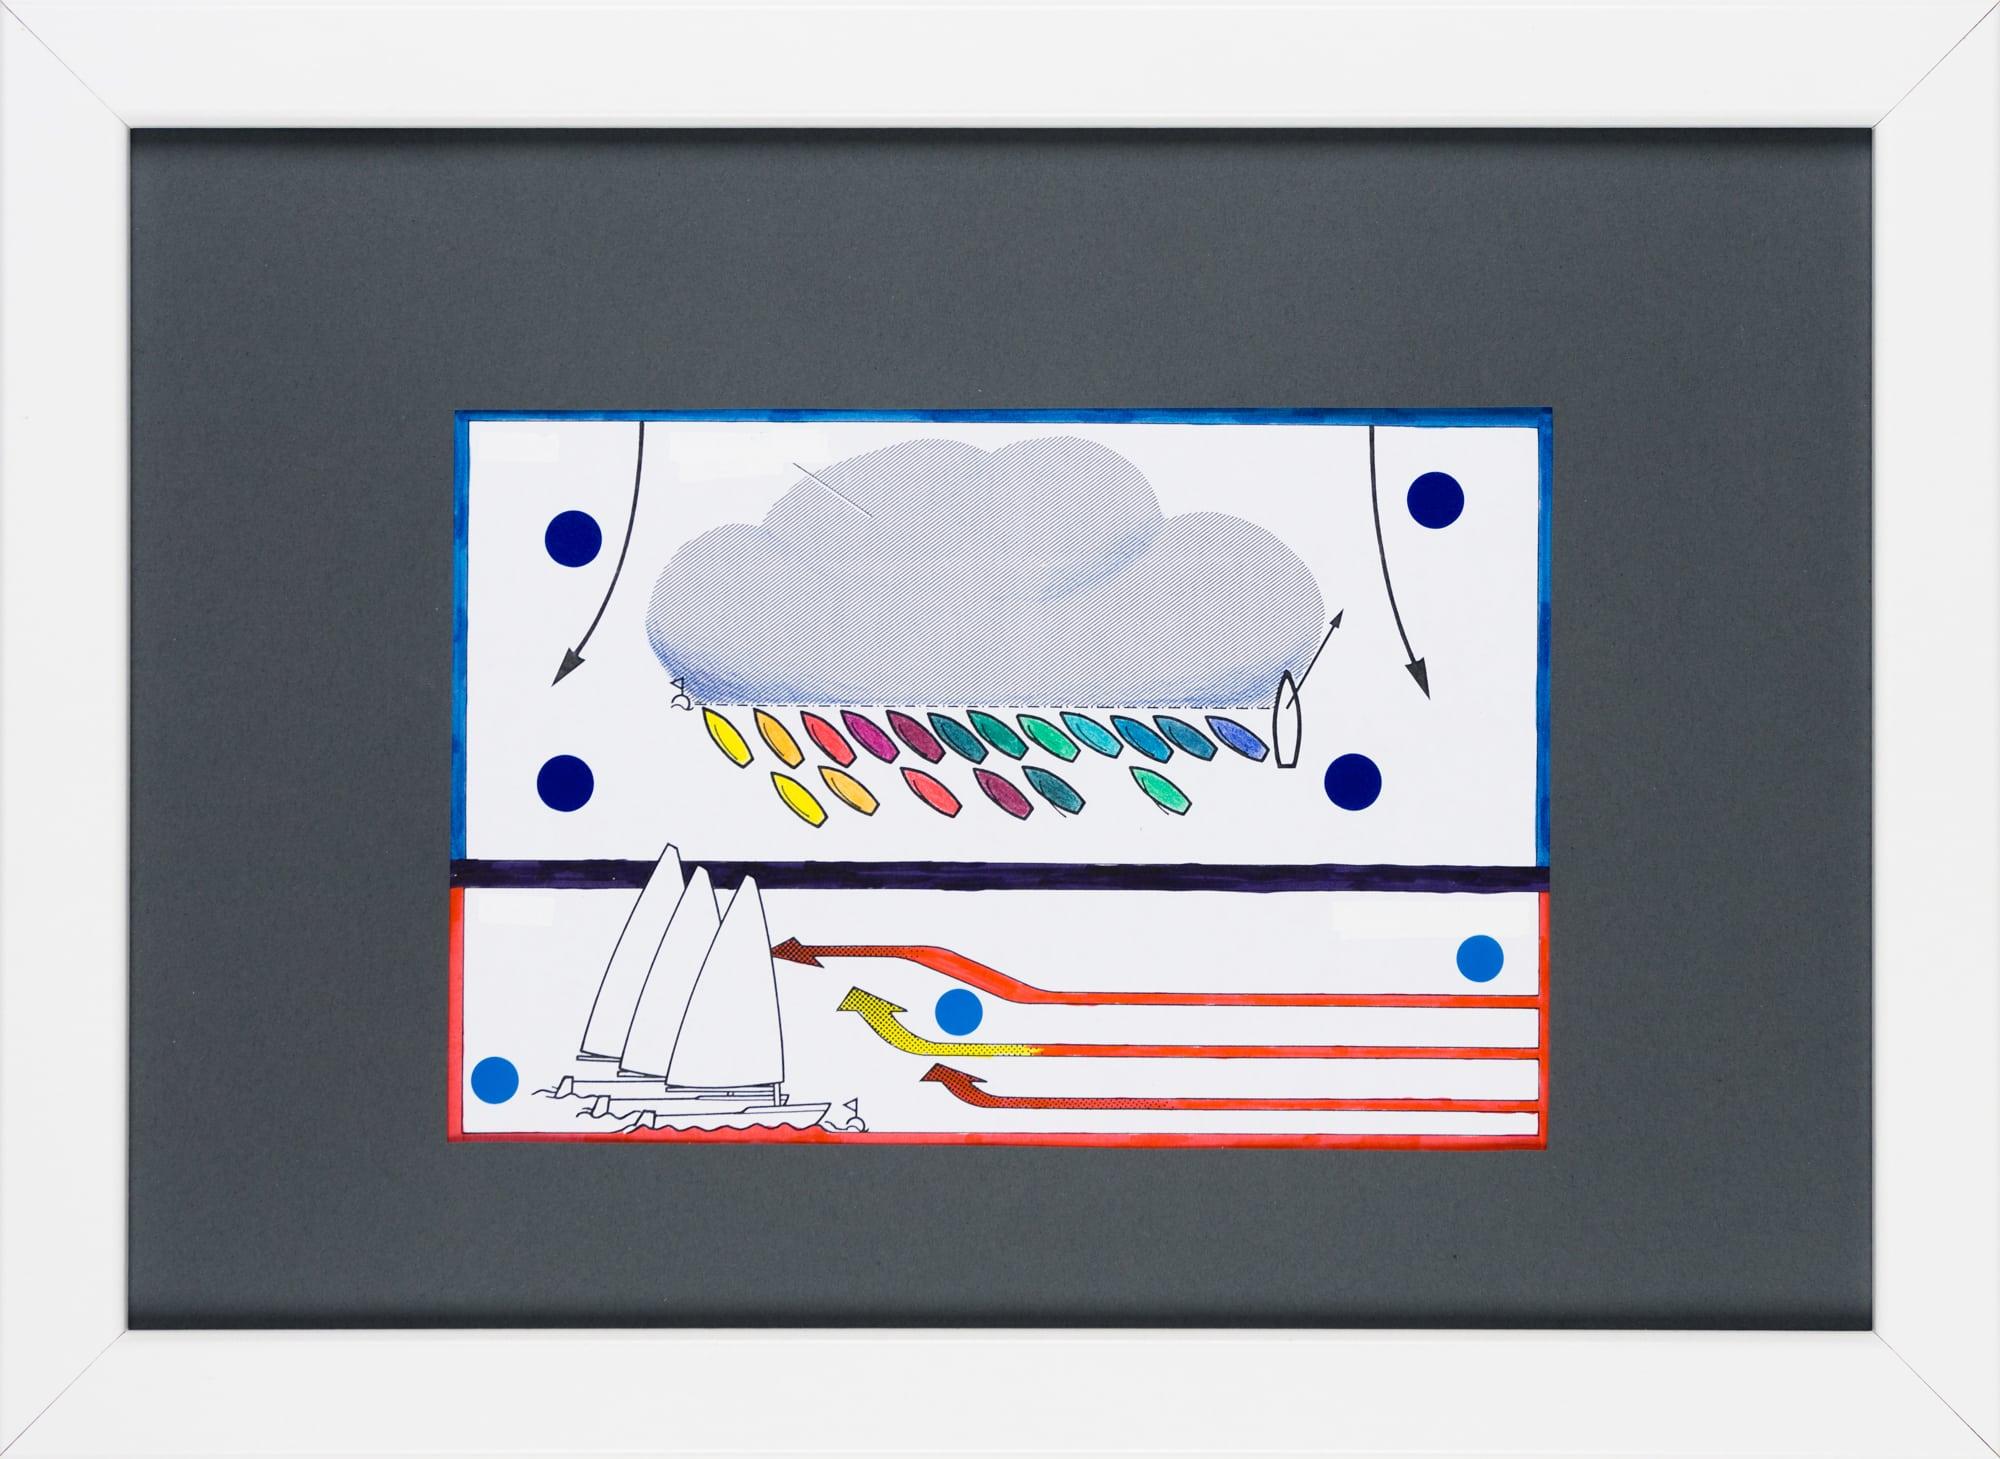 Übermalung und Mischtechnik auf Papier, 18,4x12,3cm, Originalgrafik zum gleichnamigen Booklet, Künstlerin: Franziska King